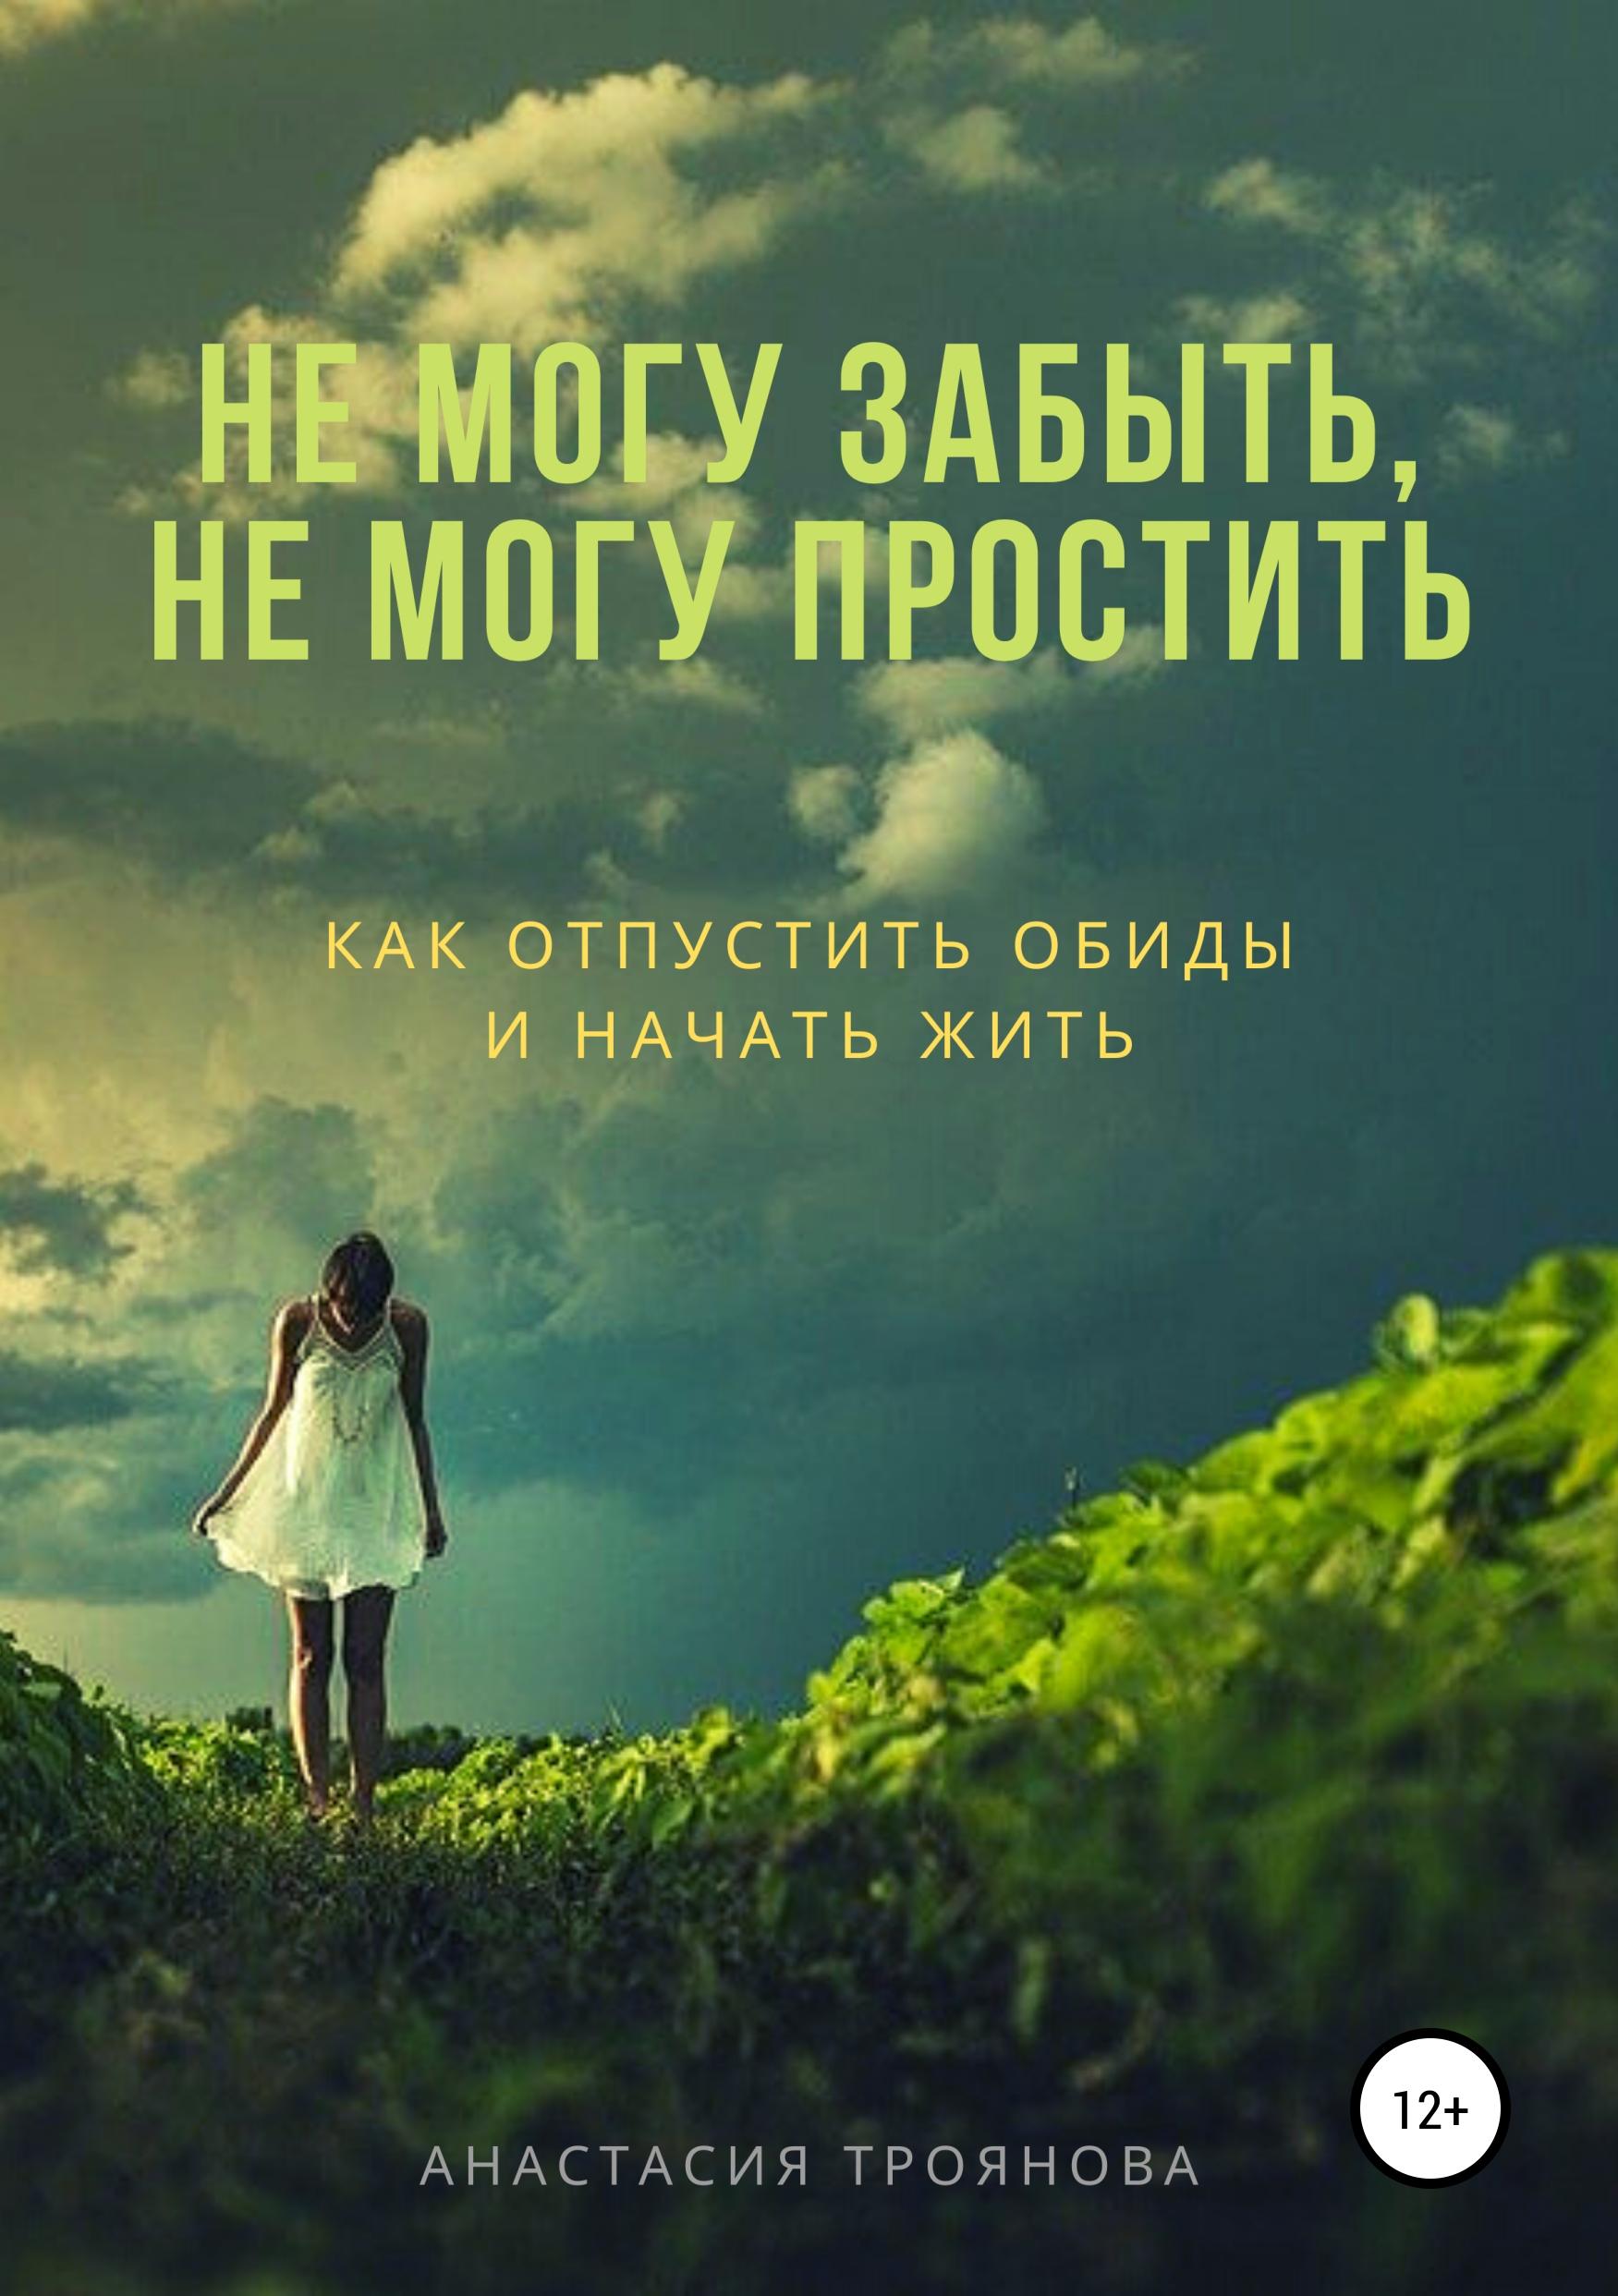 Купить книгу Не могу забыть, не могу простить. Как отпустить обиды и начать жить, автора Анастасии Трояновой